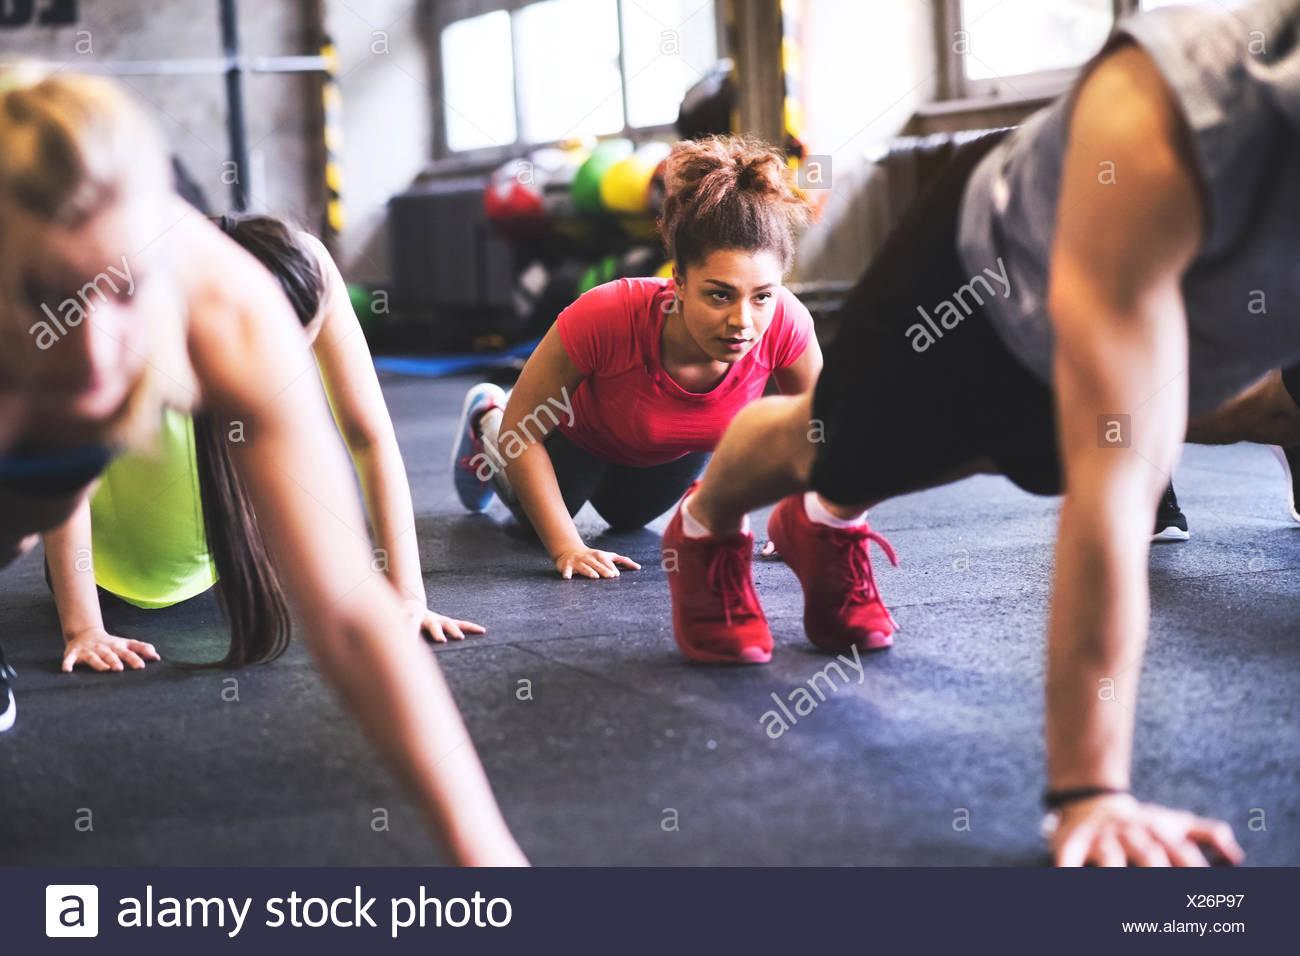 Gruppe von Jugendlichen trainieren im Fitnessraum Stockbild